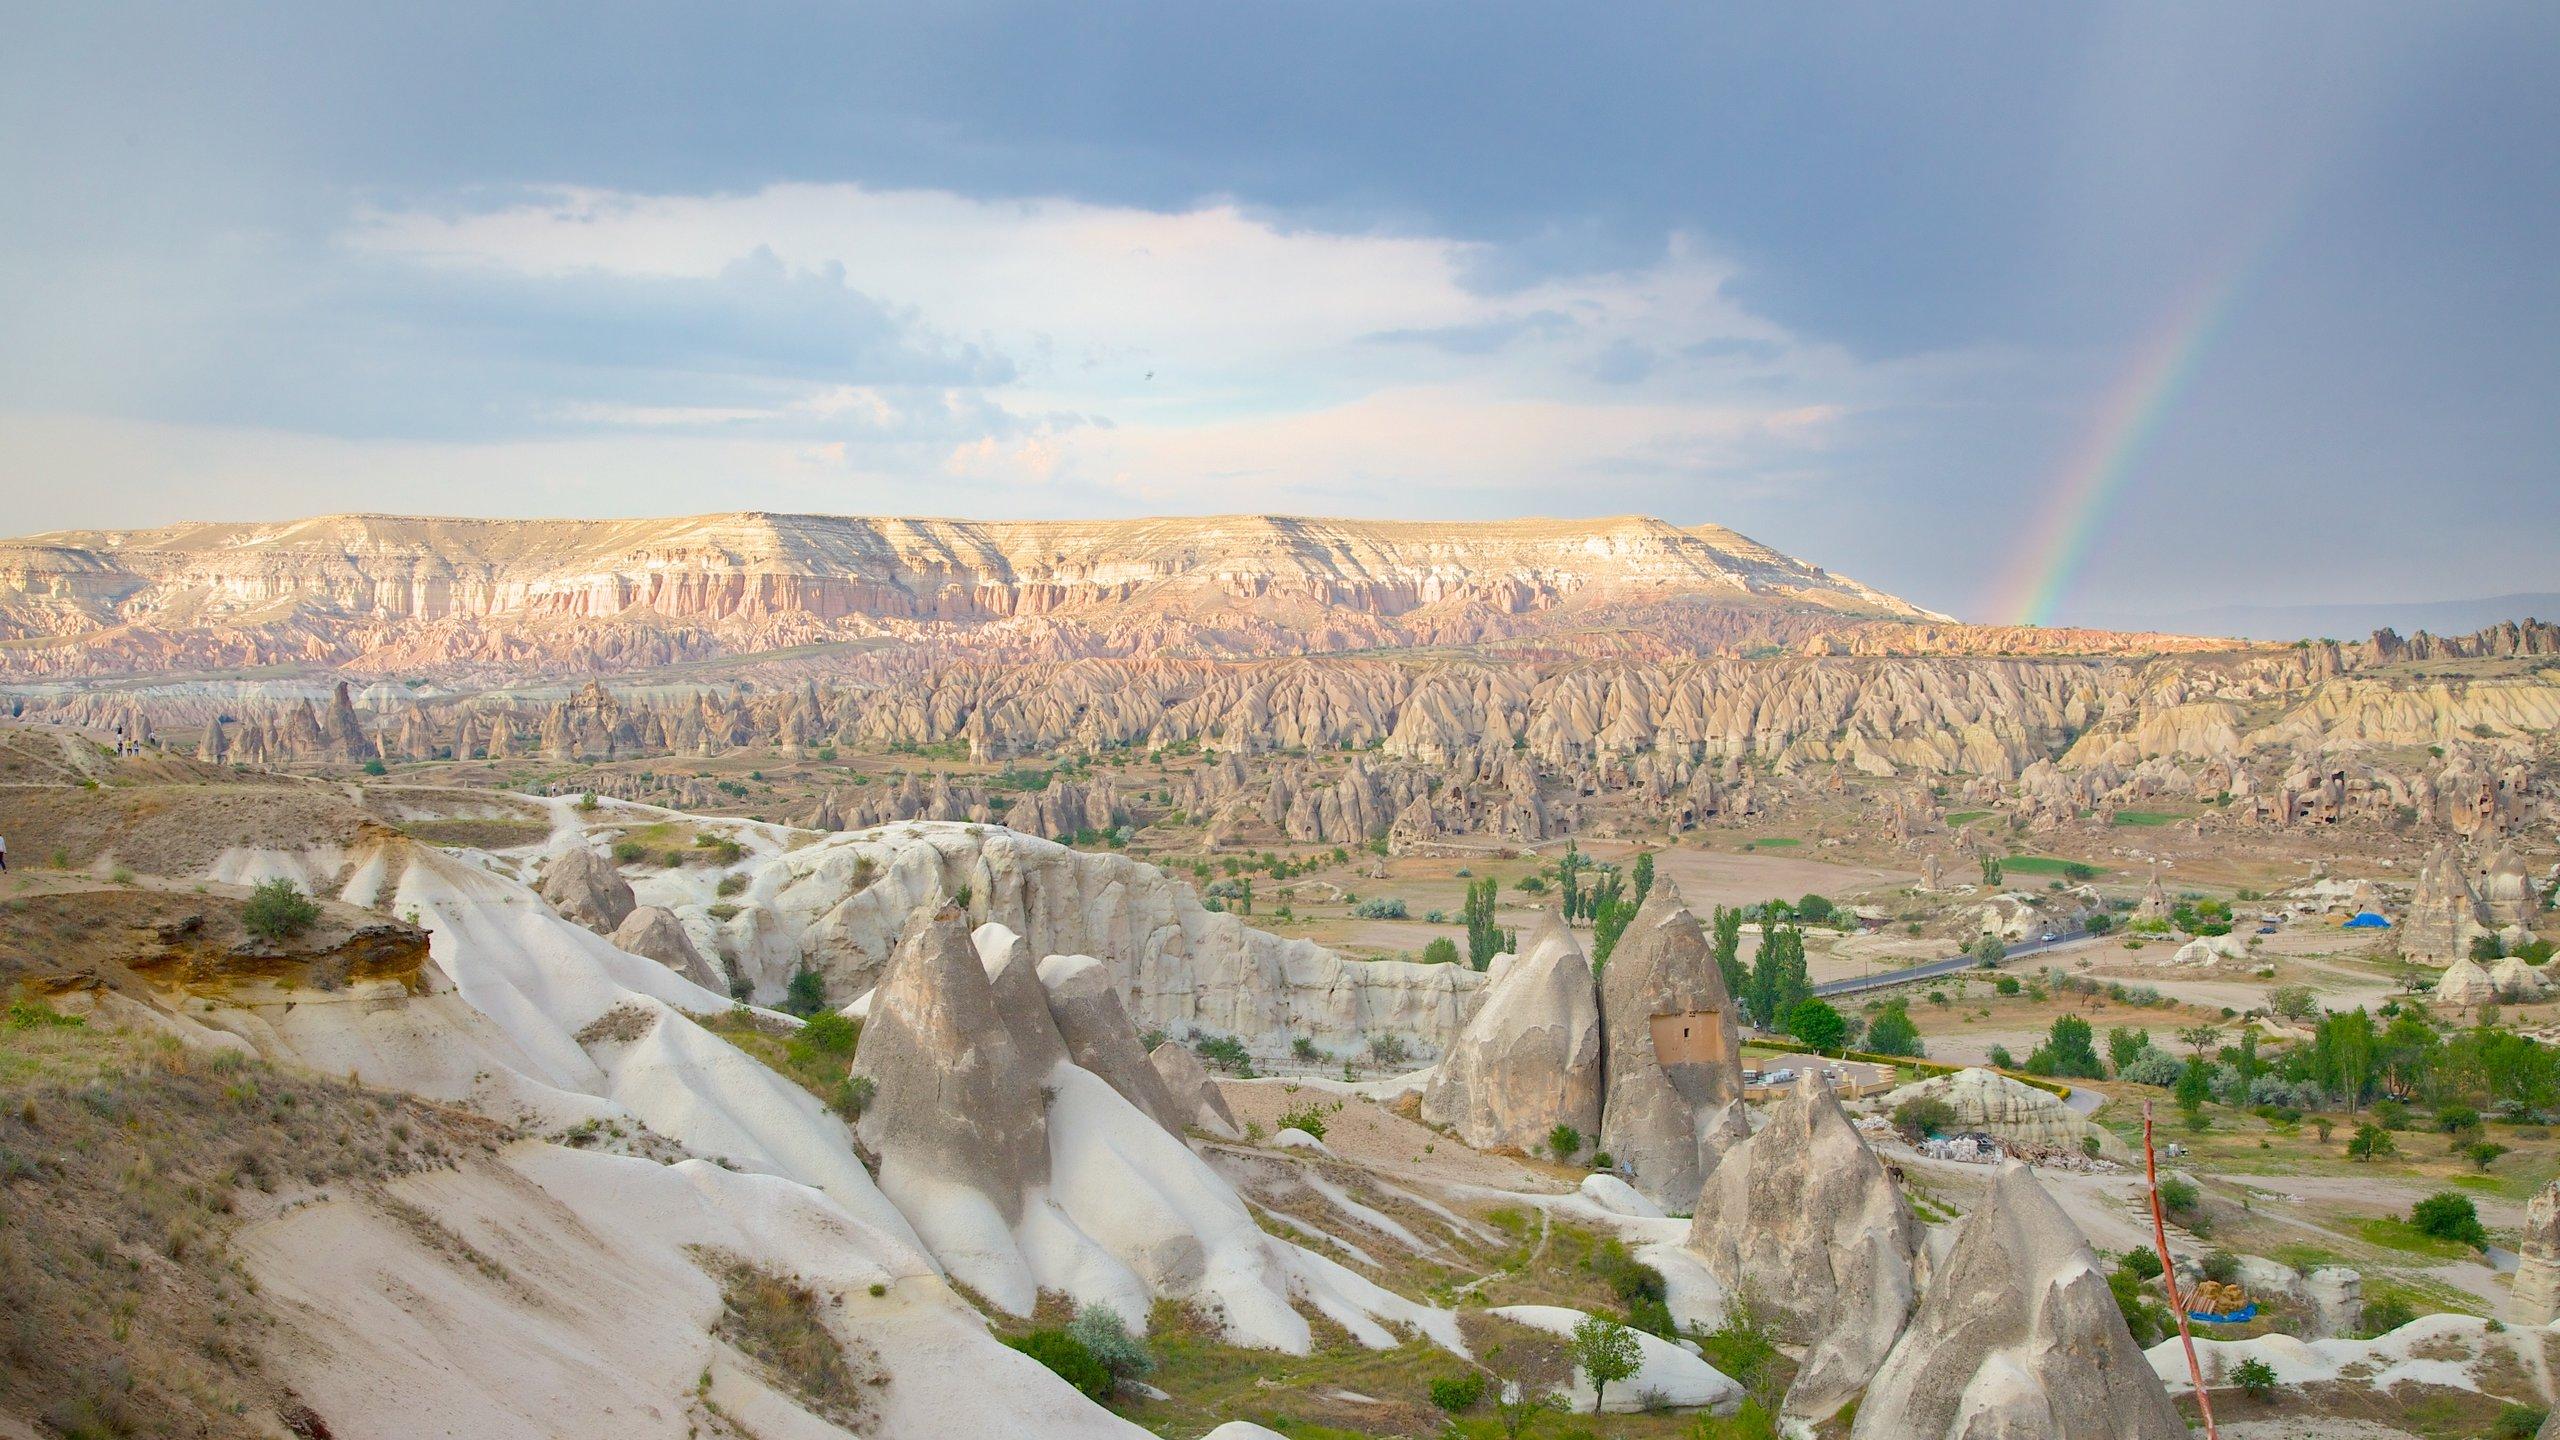 Zie hoe de heteluchtballonnen, aardpiramiden en intrigerende rotsformaties van kleur veranderen wanneer de zon achter de horizon zakt.